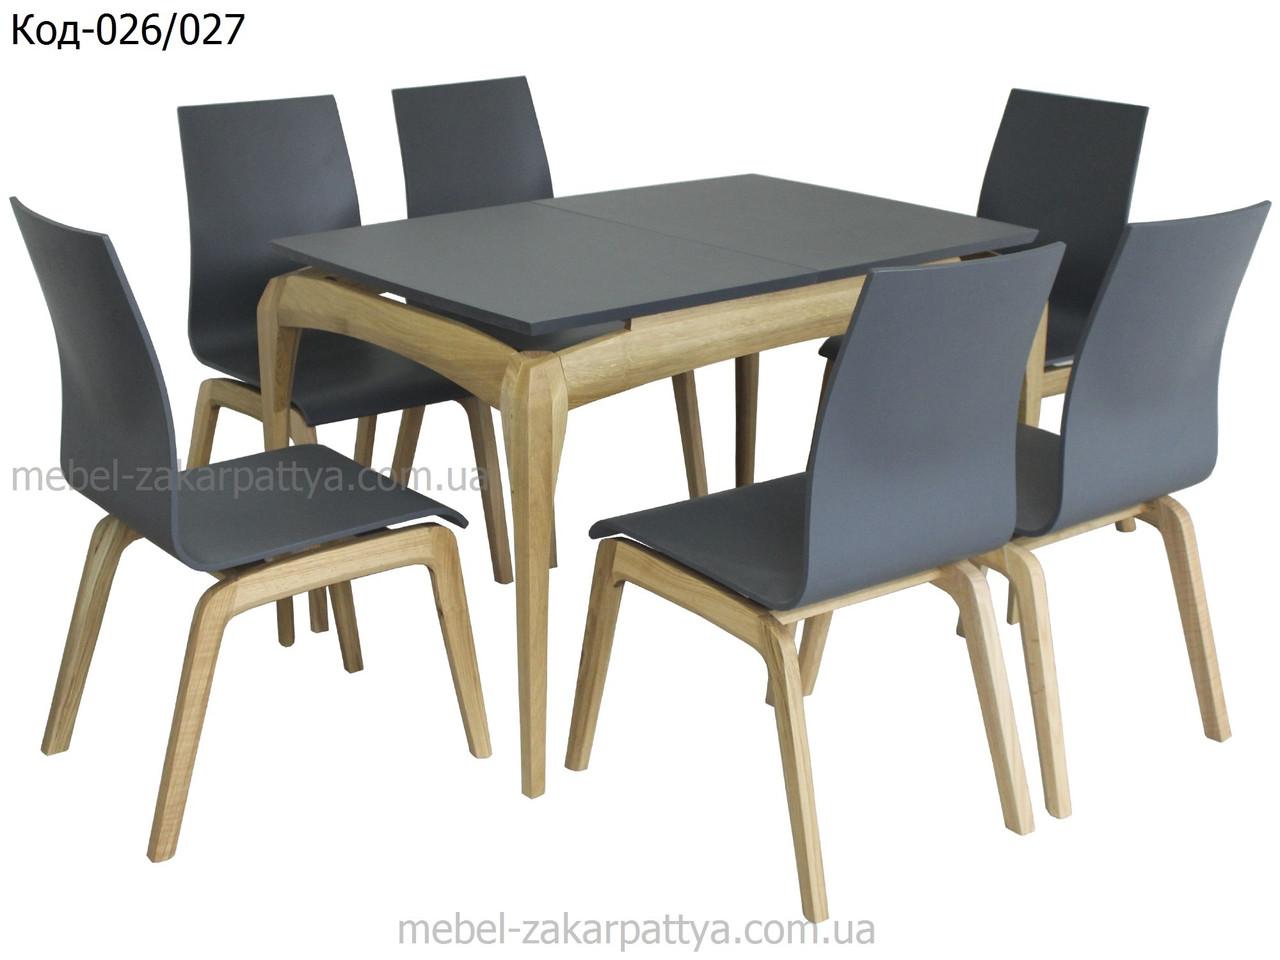 Кухонный комплект обеденный (стол и стулья) Код-026/027